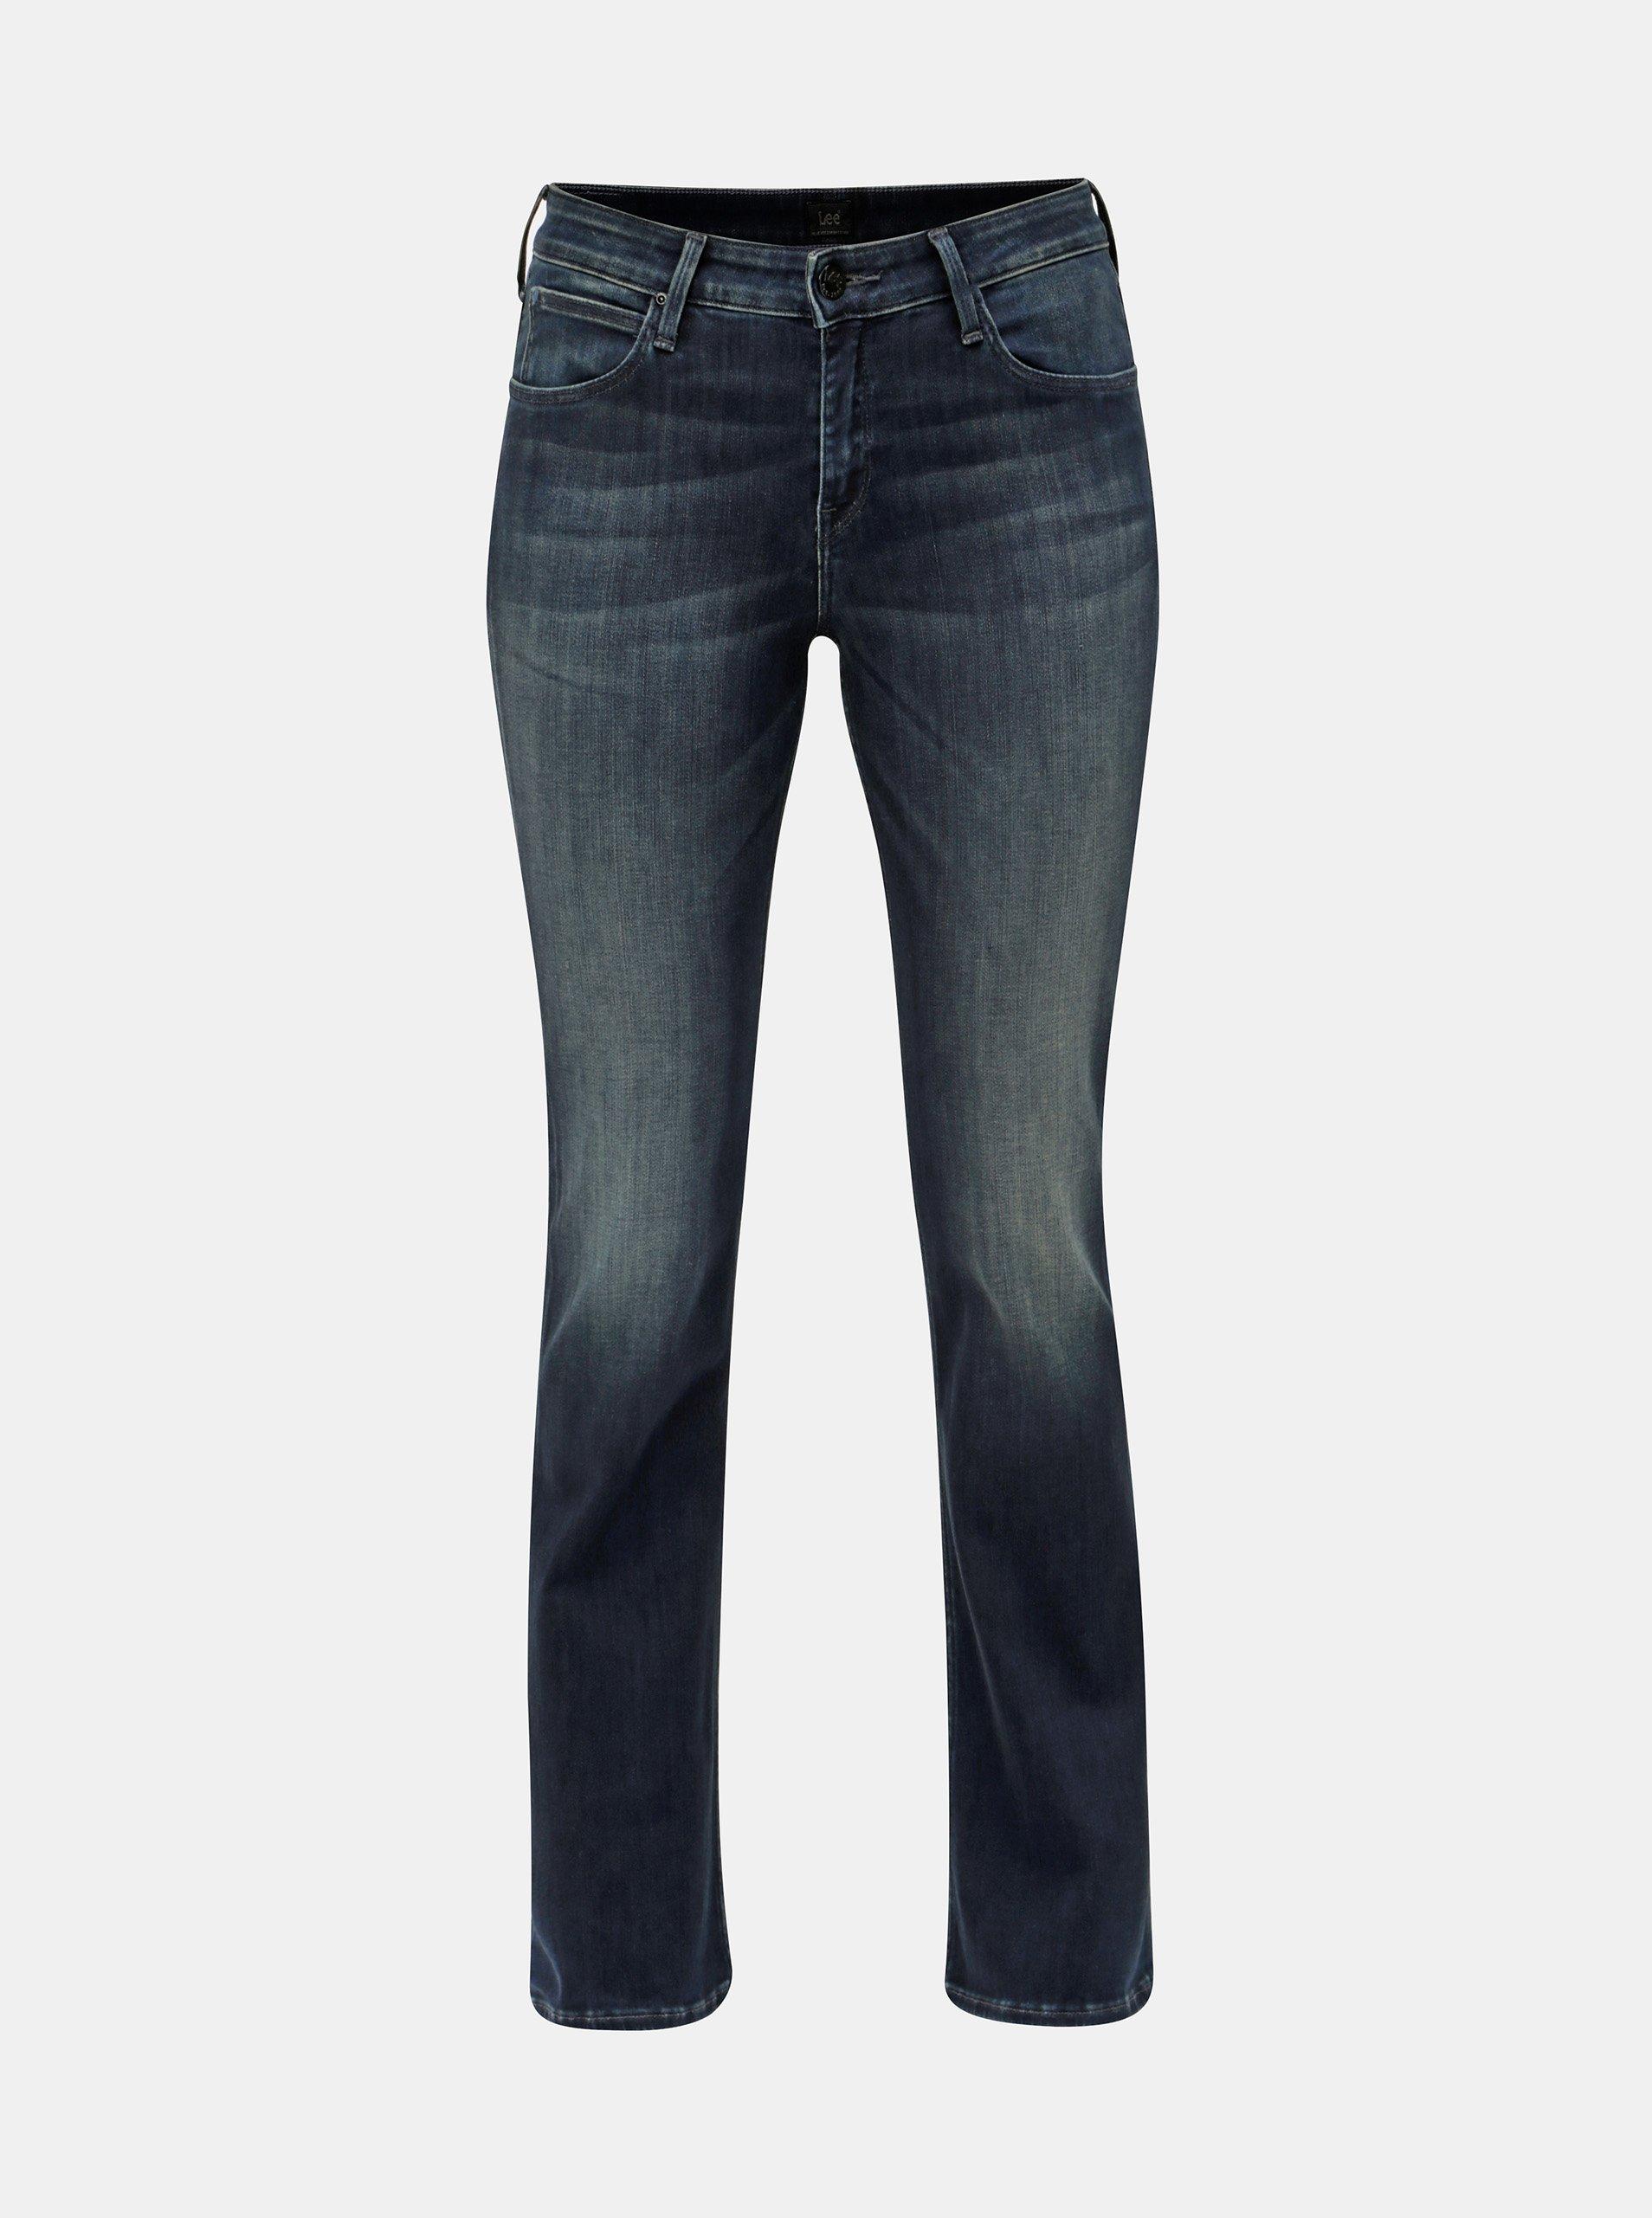 05dbeeff0af Tmavě modré dámské skinny bootcut džíny s vyšisovaným efektem Lee